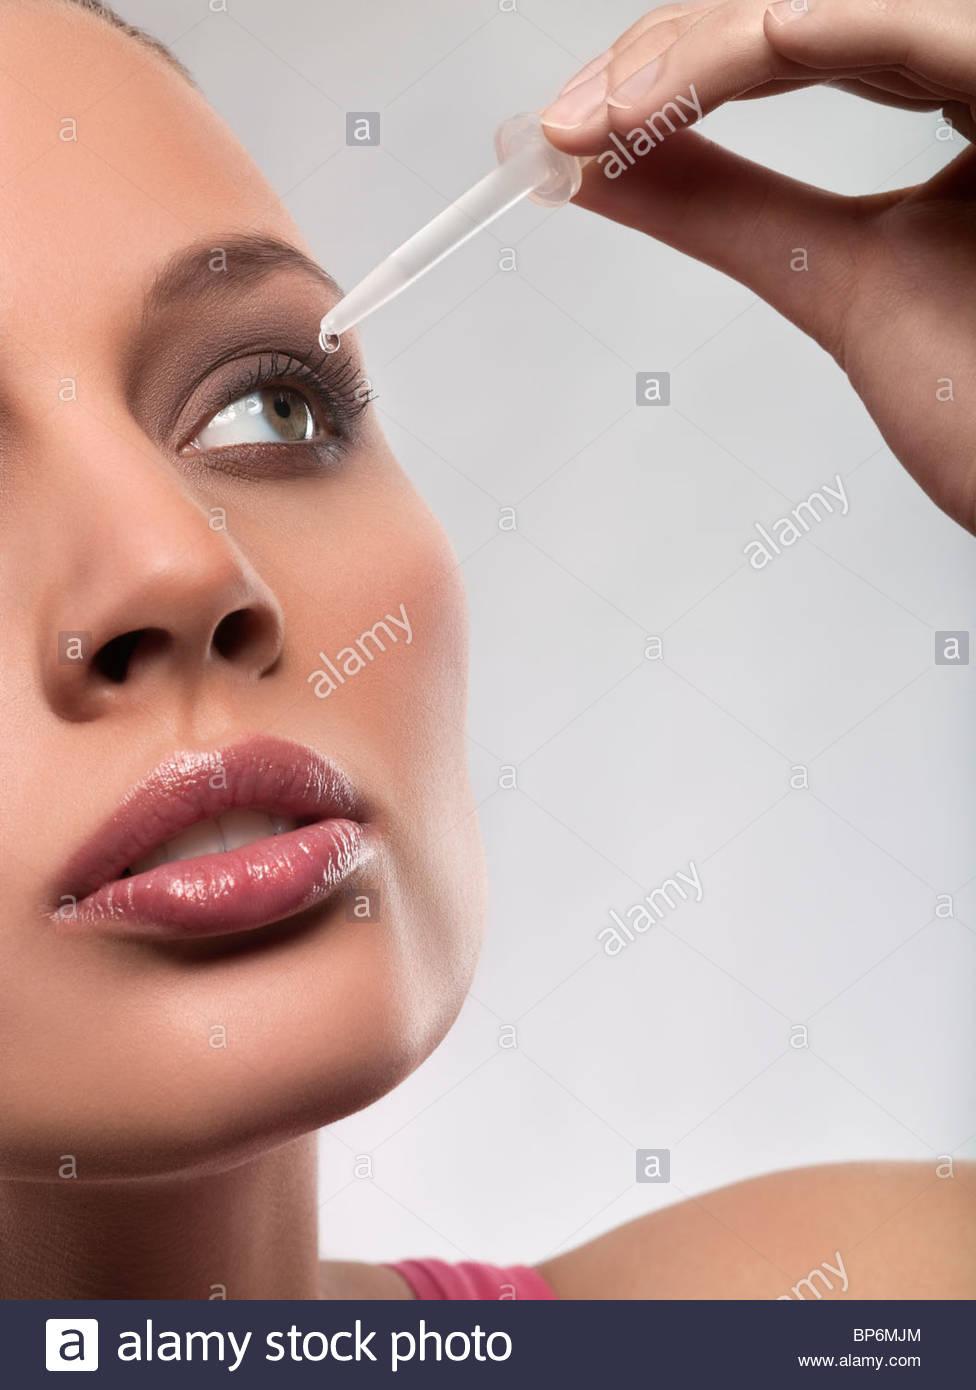 Junge Frau Augentropfen putting im Auge, Studio gedreht Stockbild